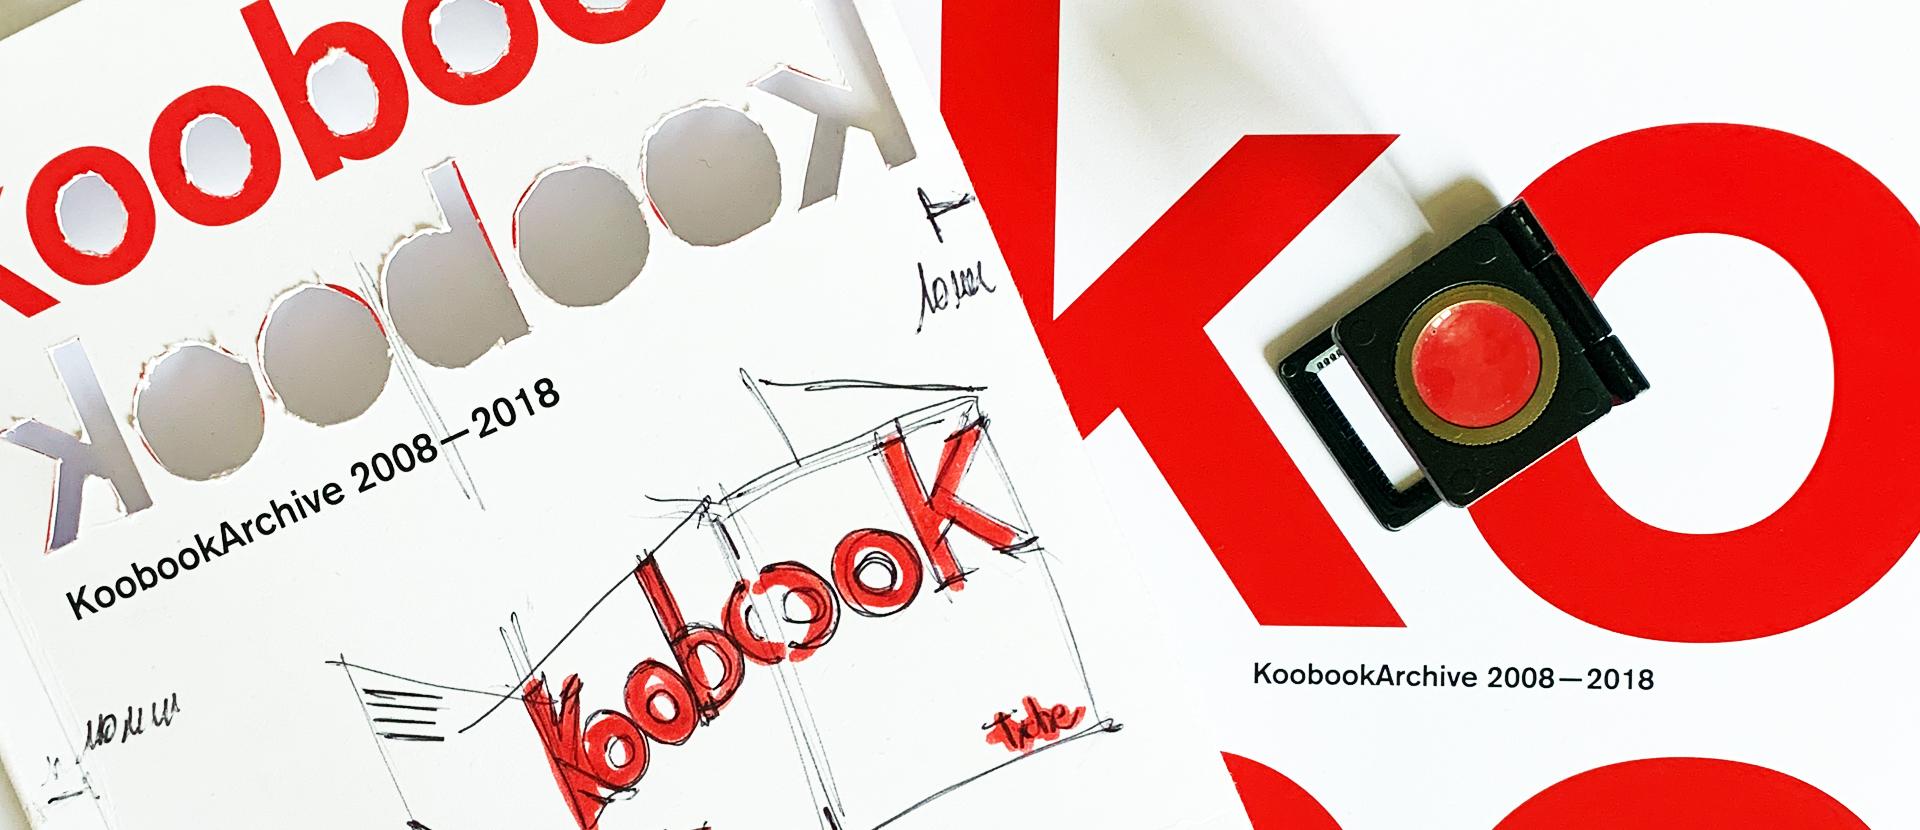 koobookArchive 2008–2018